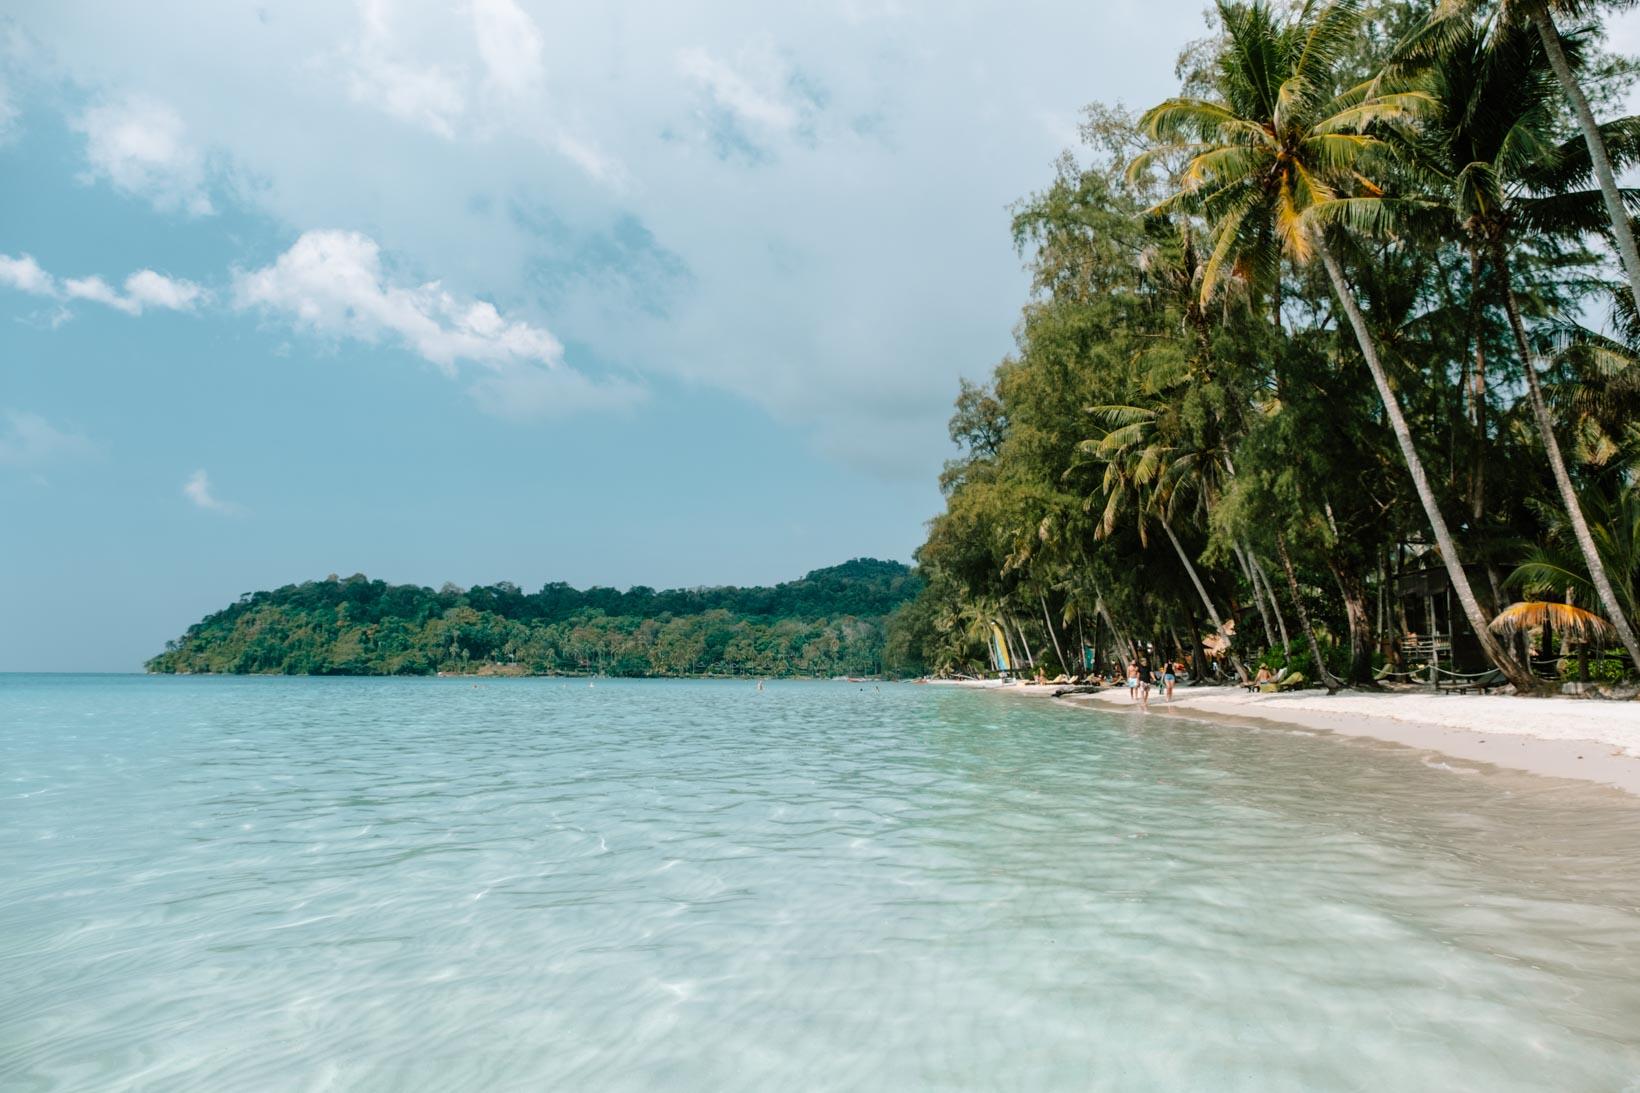 Spiaggia Klong Chao a Koh Kood